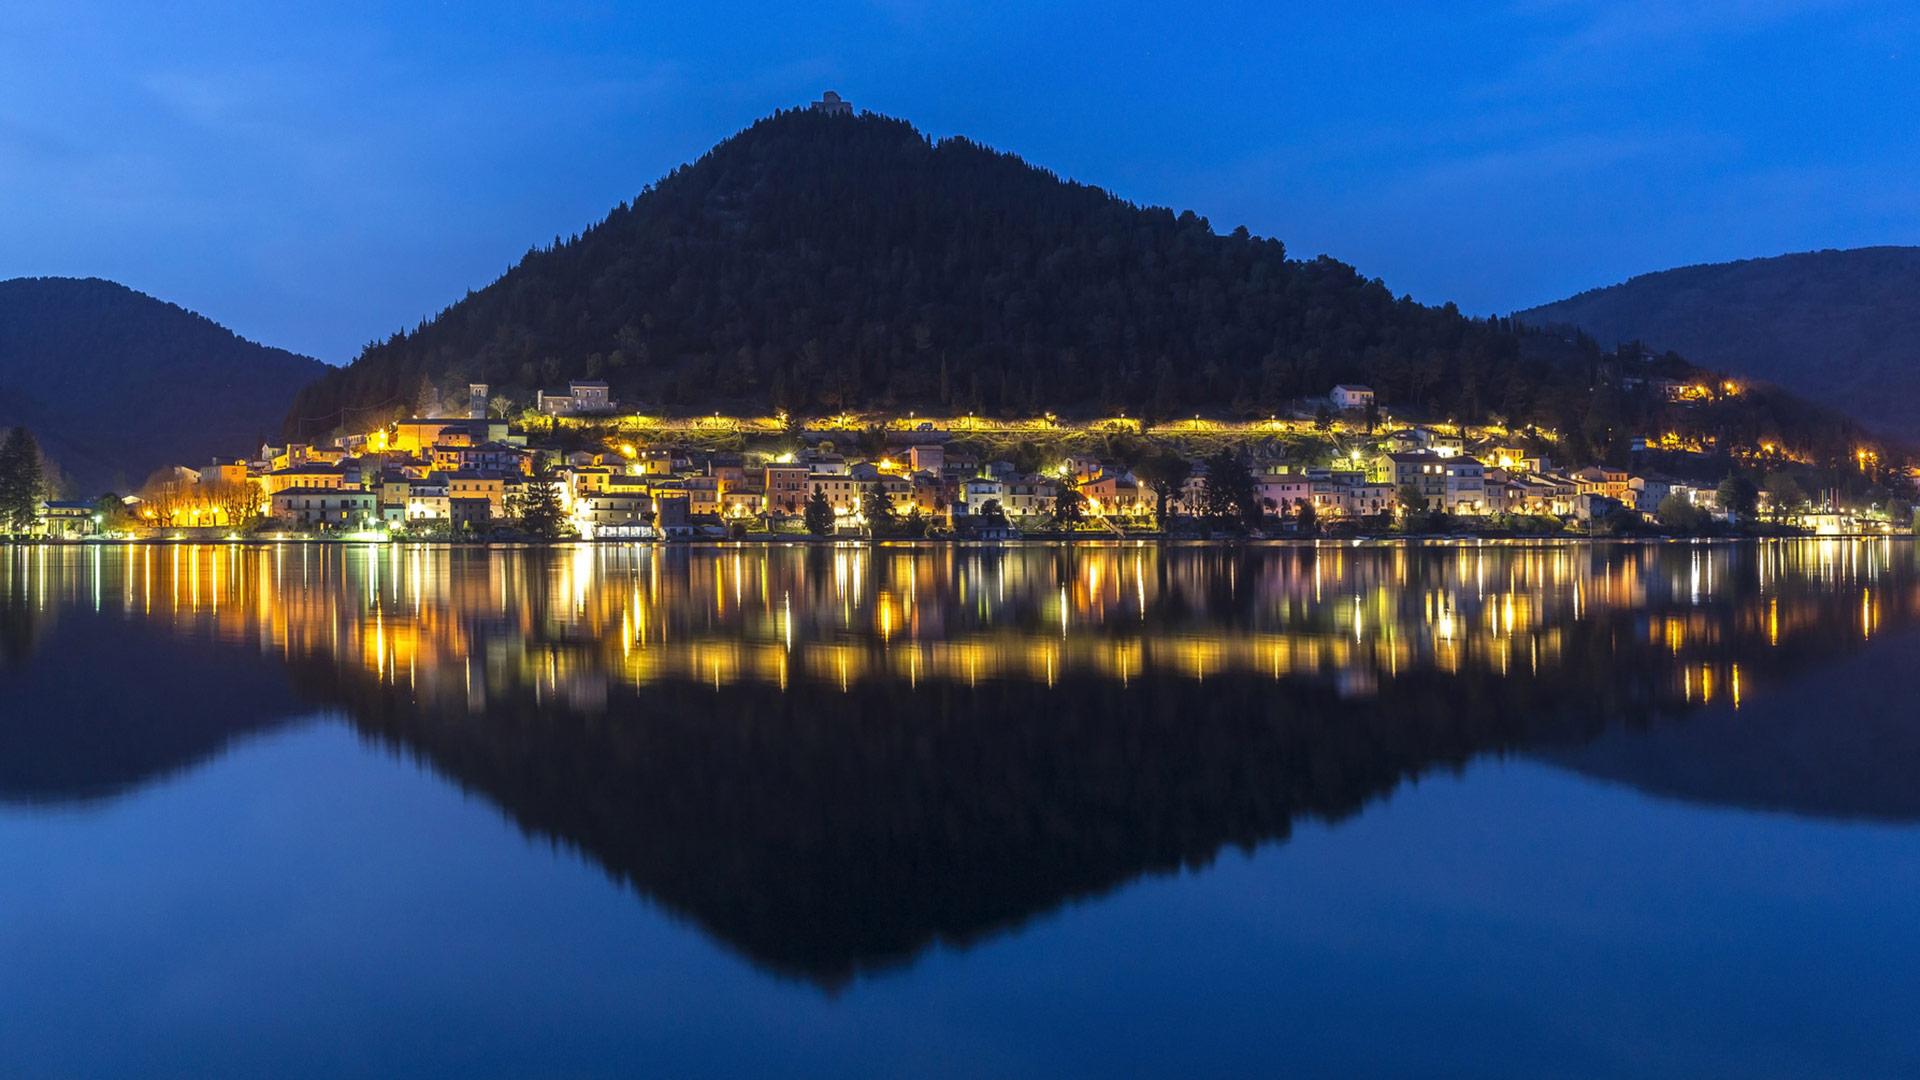 night time lake.jpg